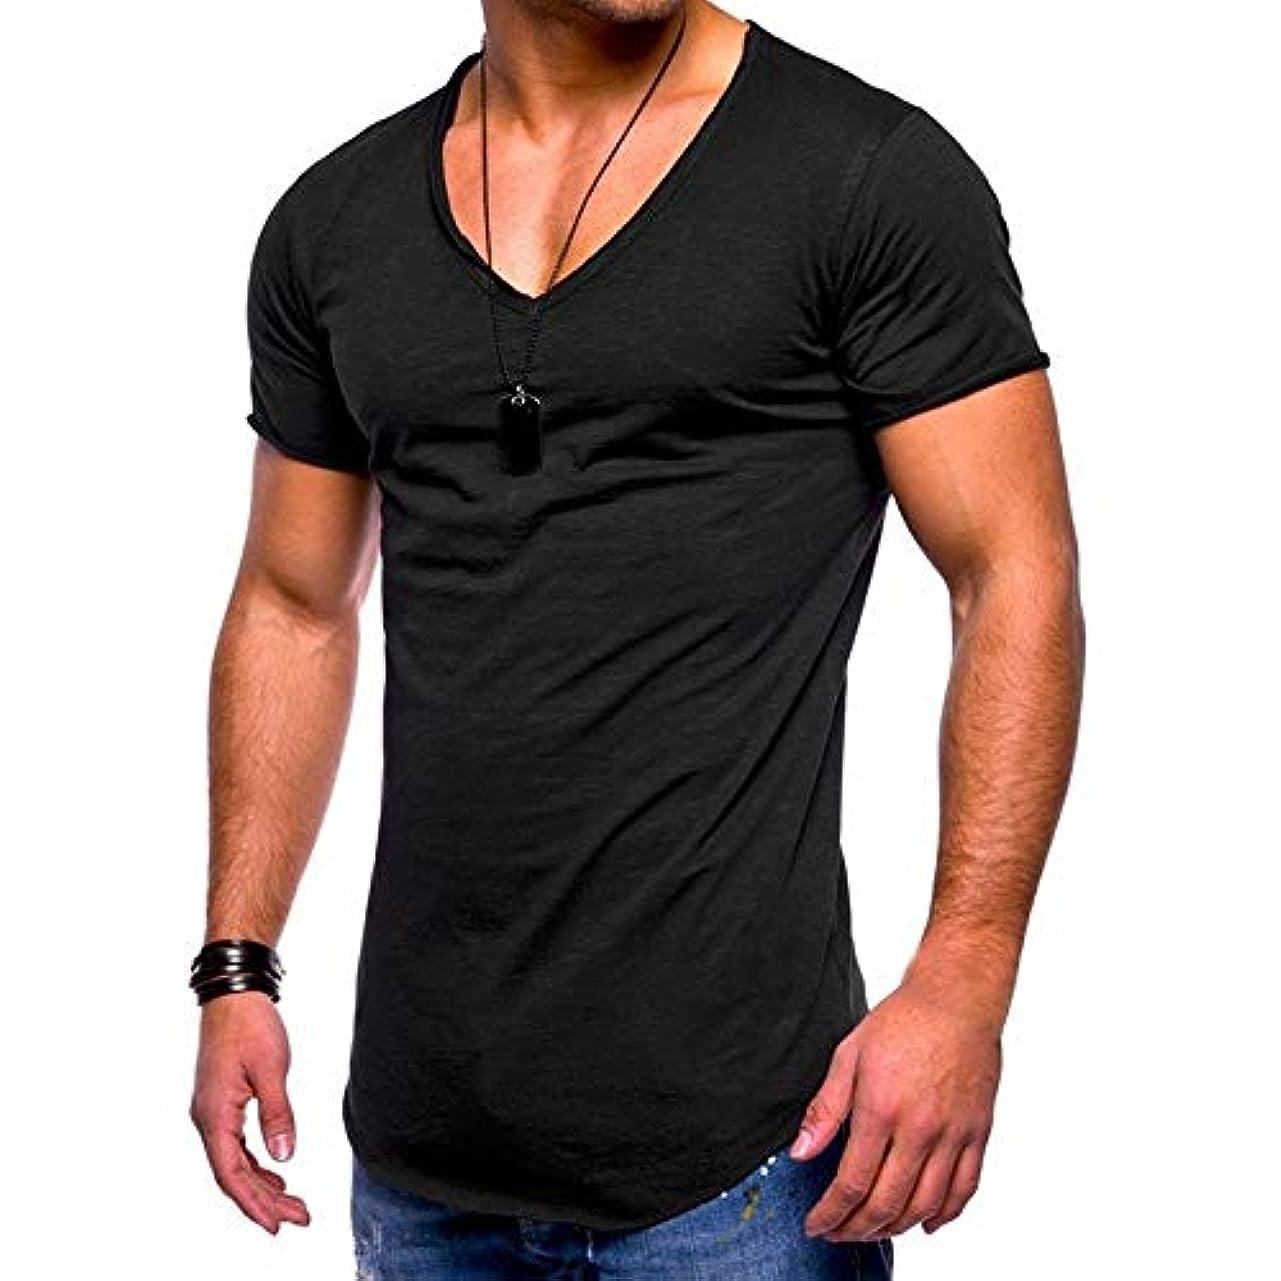 文明化する同意リスナーMIFAN メンズTシャツ、カジュアルシャツ、半袖、コットンTシャツ、Vネックシャツ、スリムTシャツ、トップス&Tシャツ、メンズトップス